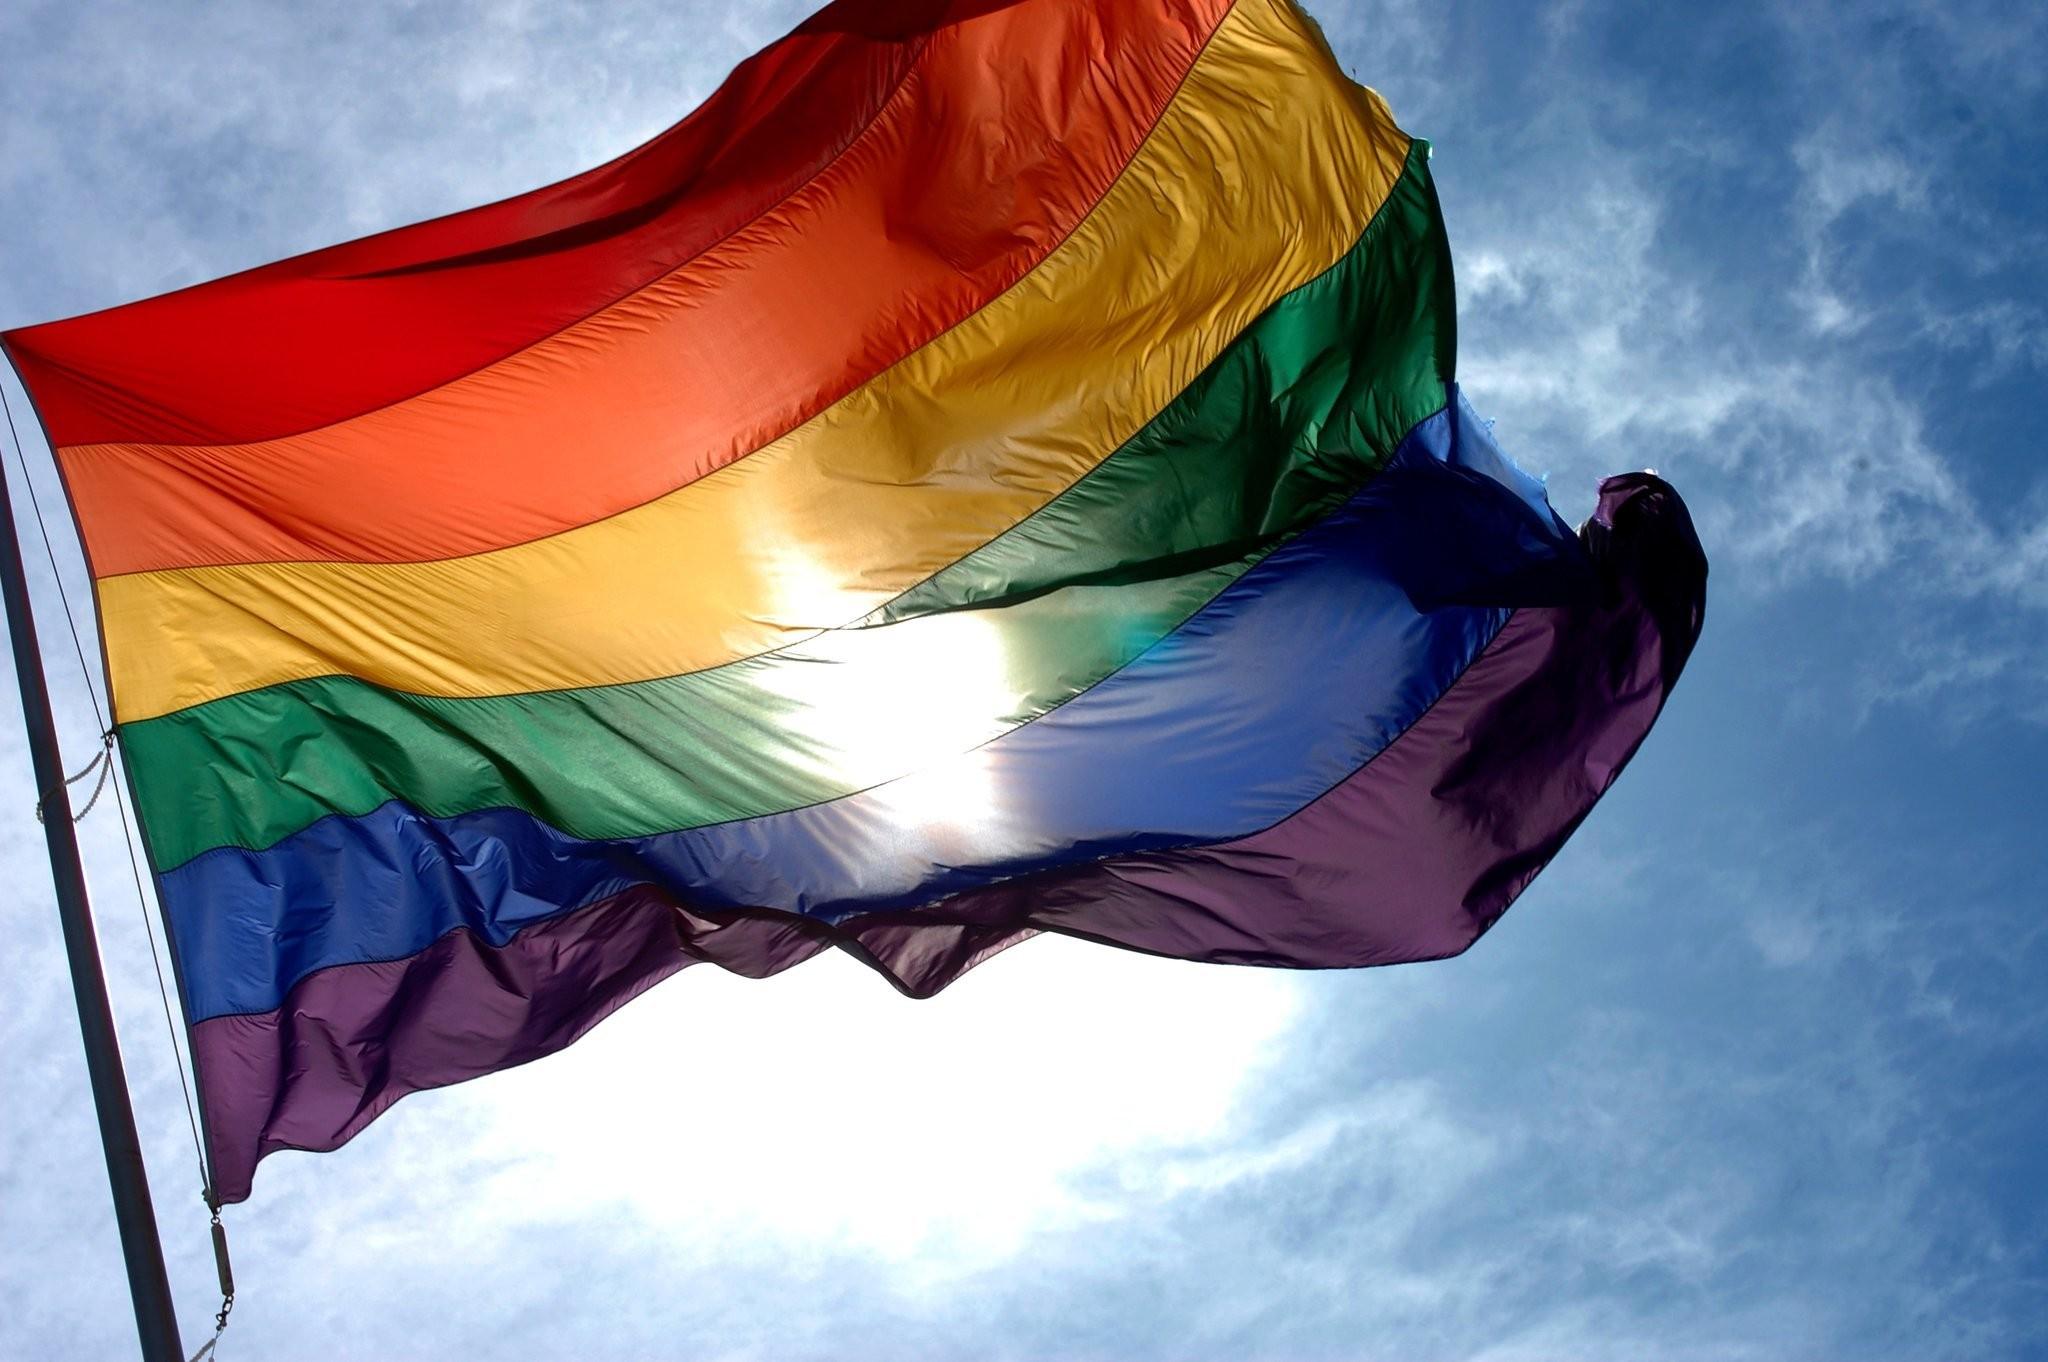 Impacto do isolamento social e o adoecimento mental na comunidade LGBTQI+ é tema de debate neste sábado